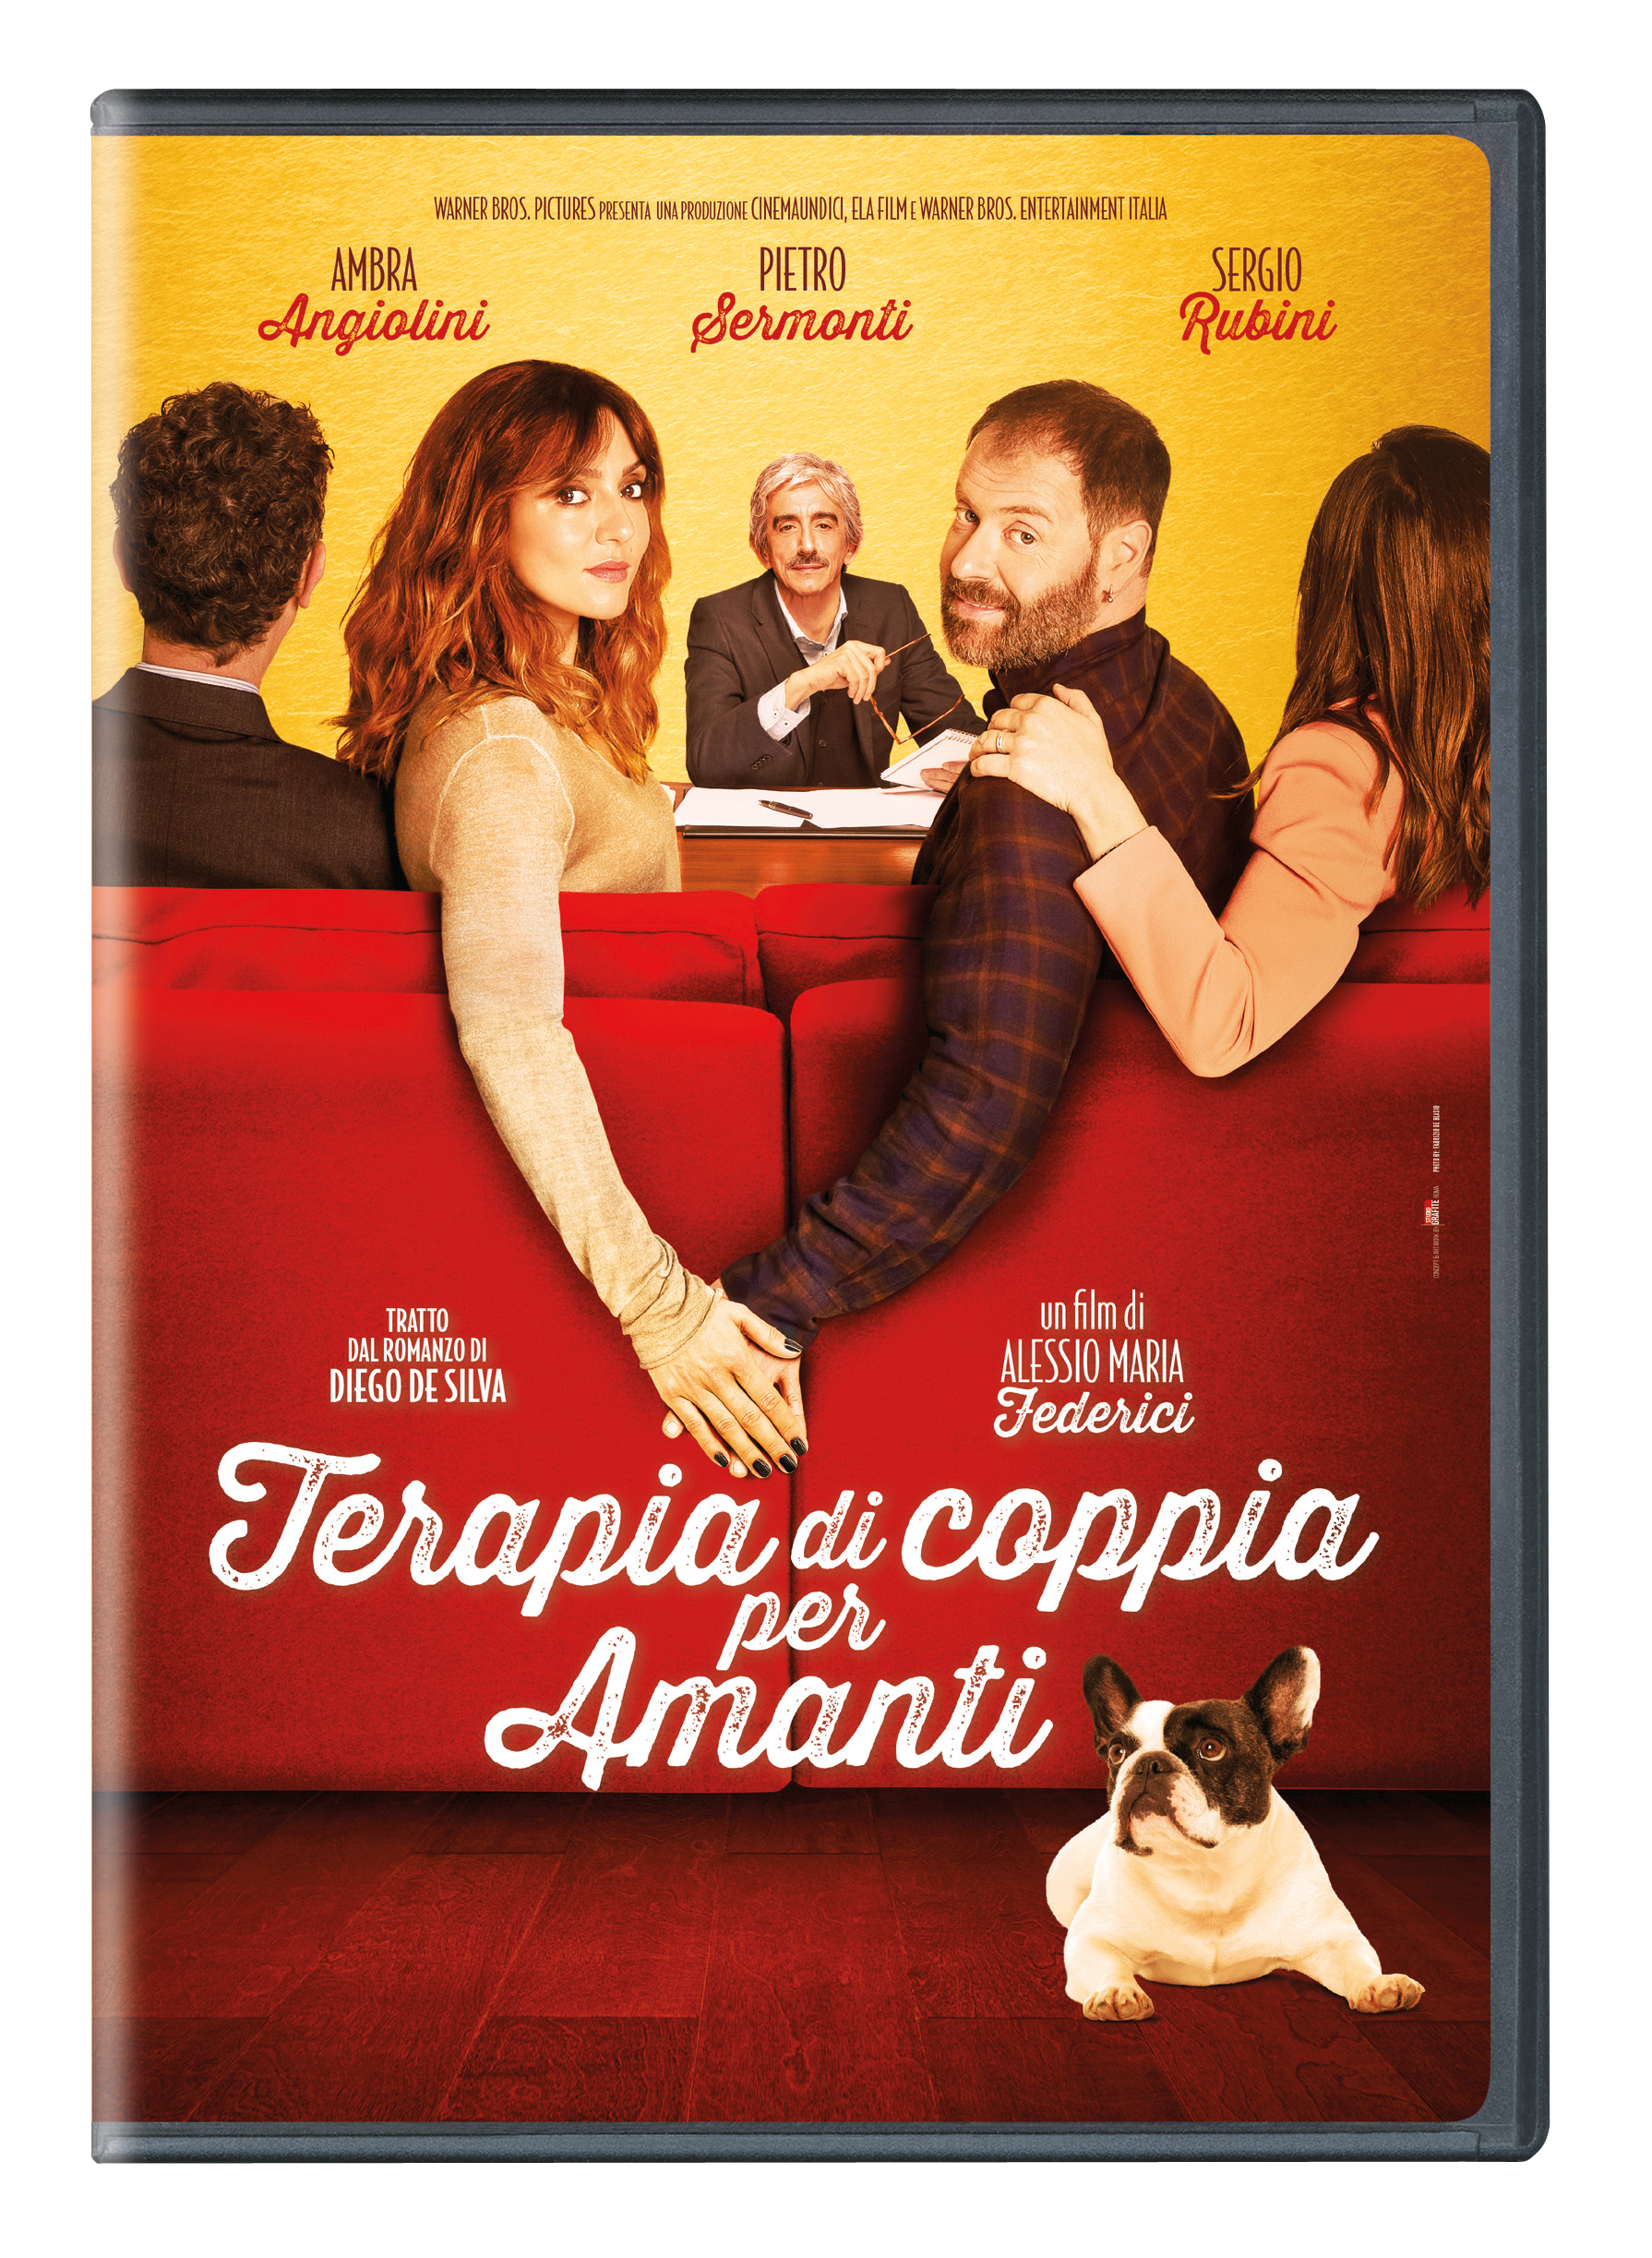 Terapia Di Coppia Per Amanti Dal 14 Febbraio In Homevideo Upside Down Magazine